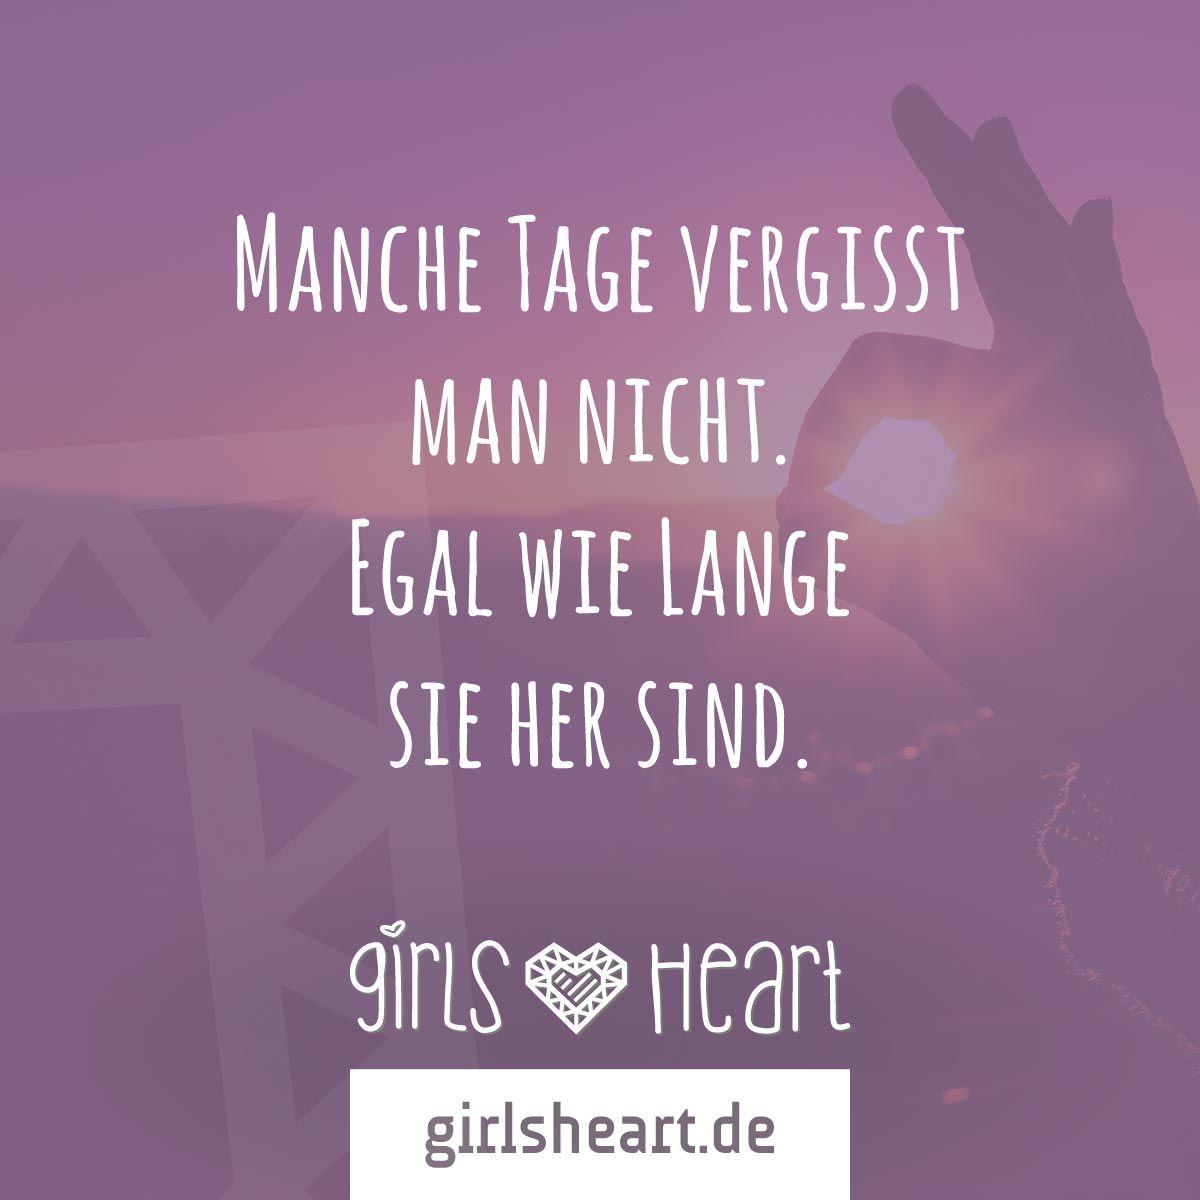 Mehr Sprüche auf: www.girlsheart.de  #erinnerungen #tage #zeit #momente #erinnern #freunde #liebe #vergessen